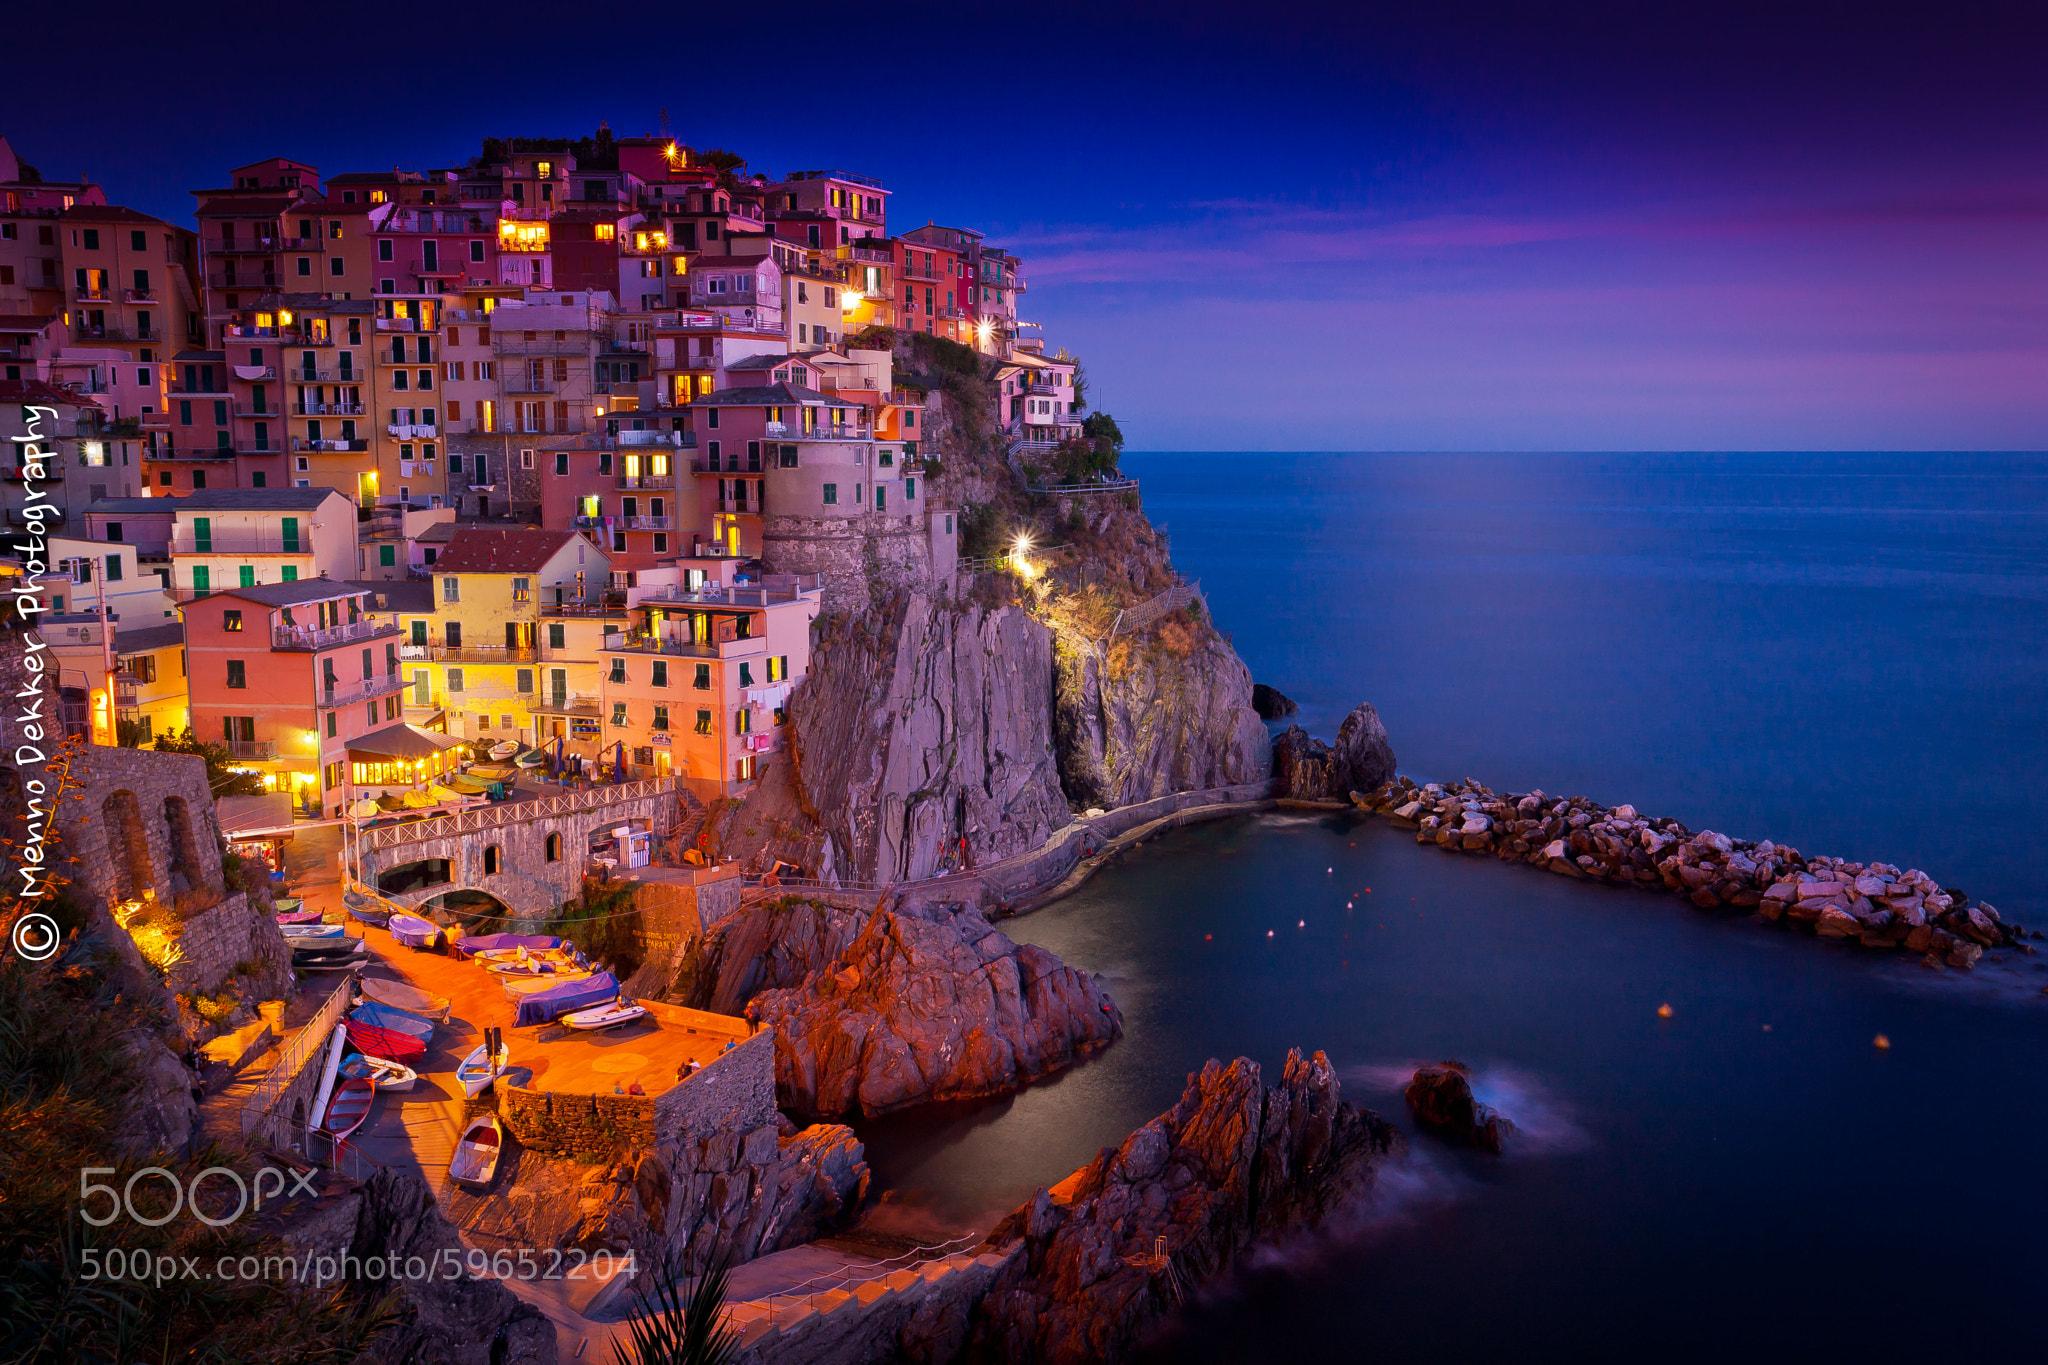 Photograph Manarola Cinque Terre Italy by Menno Dekker on 500px